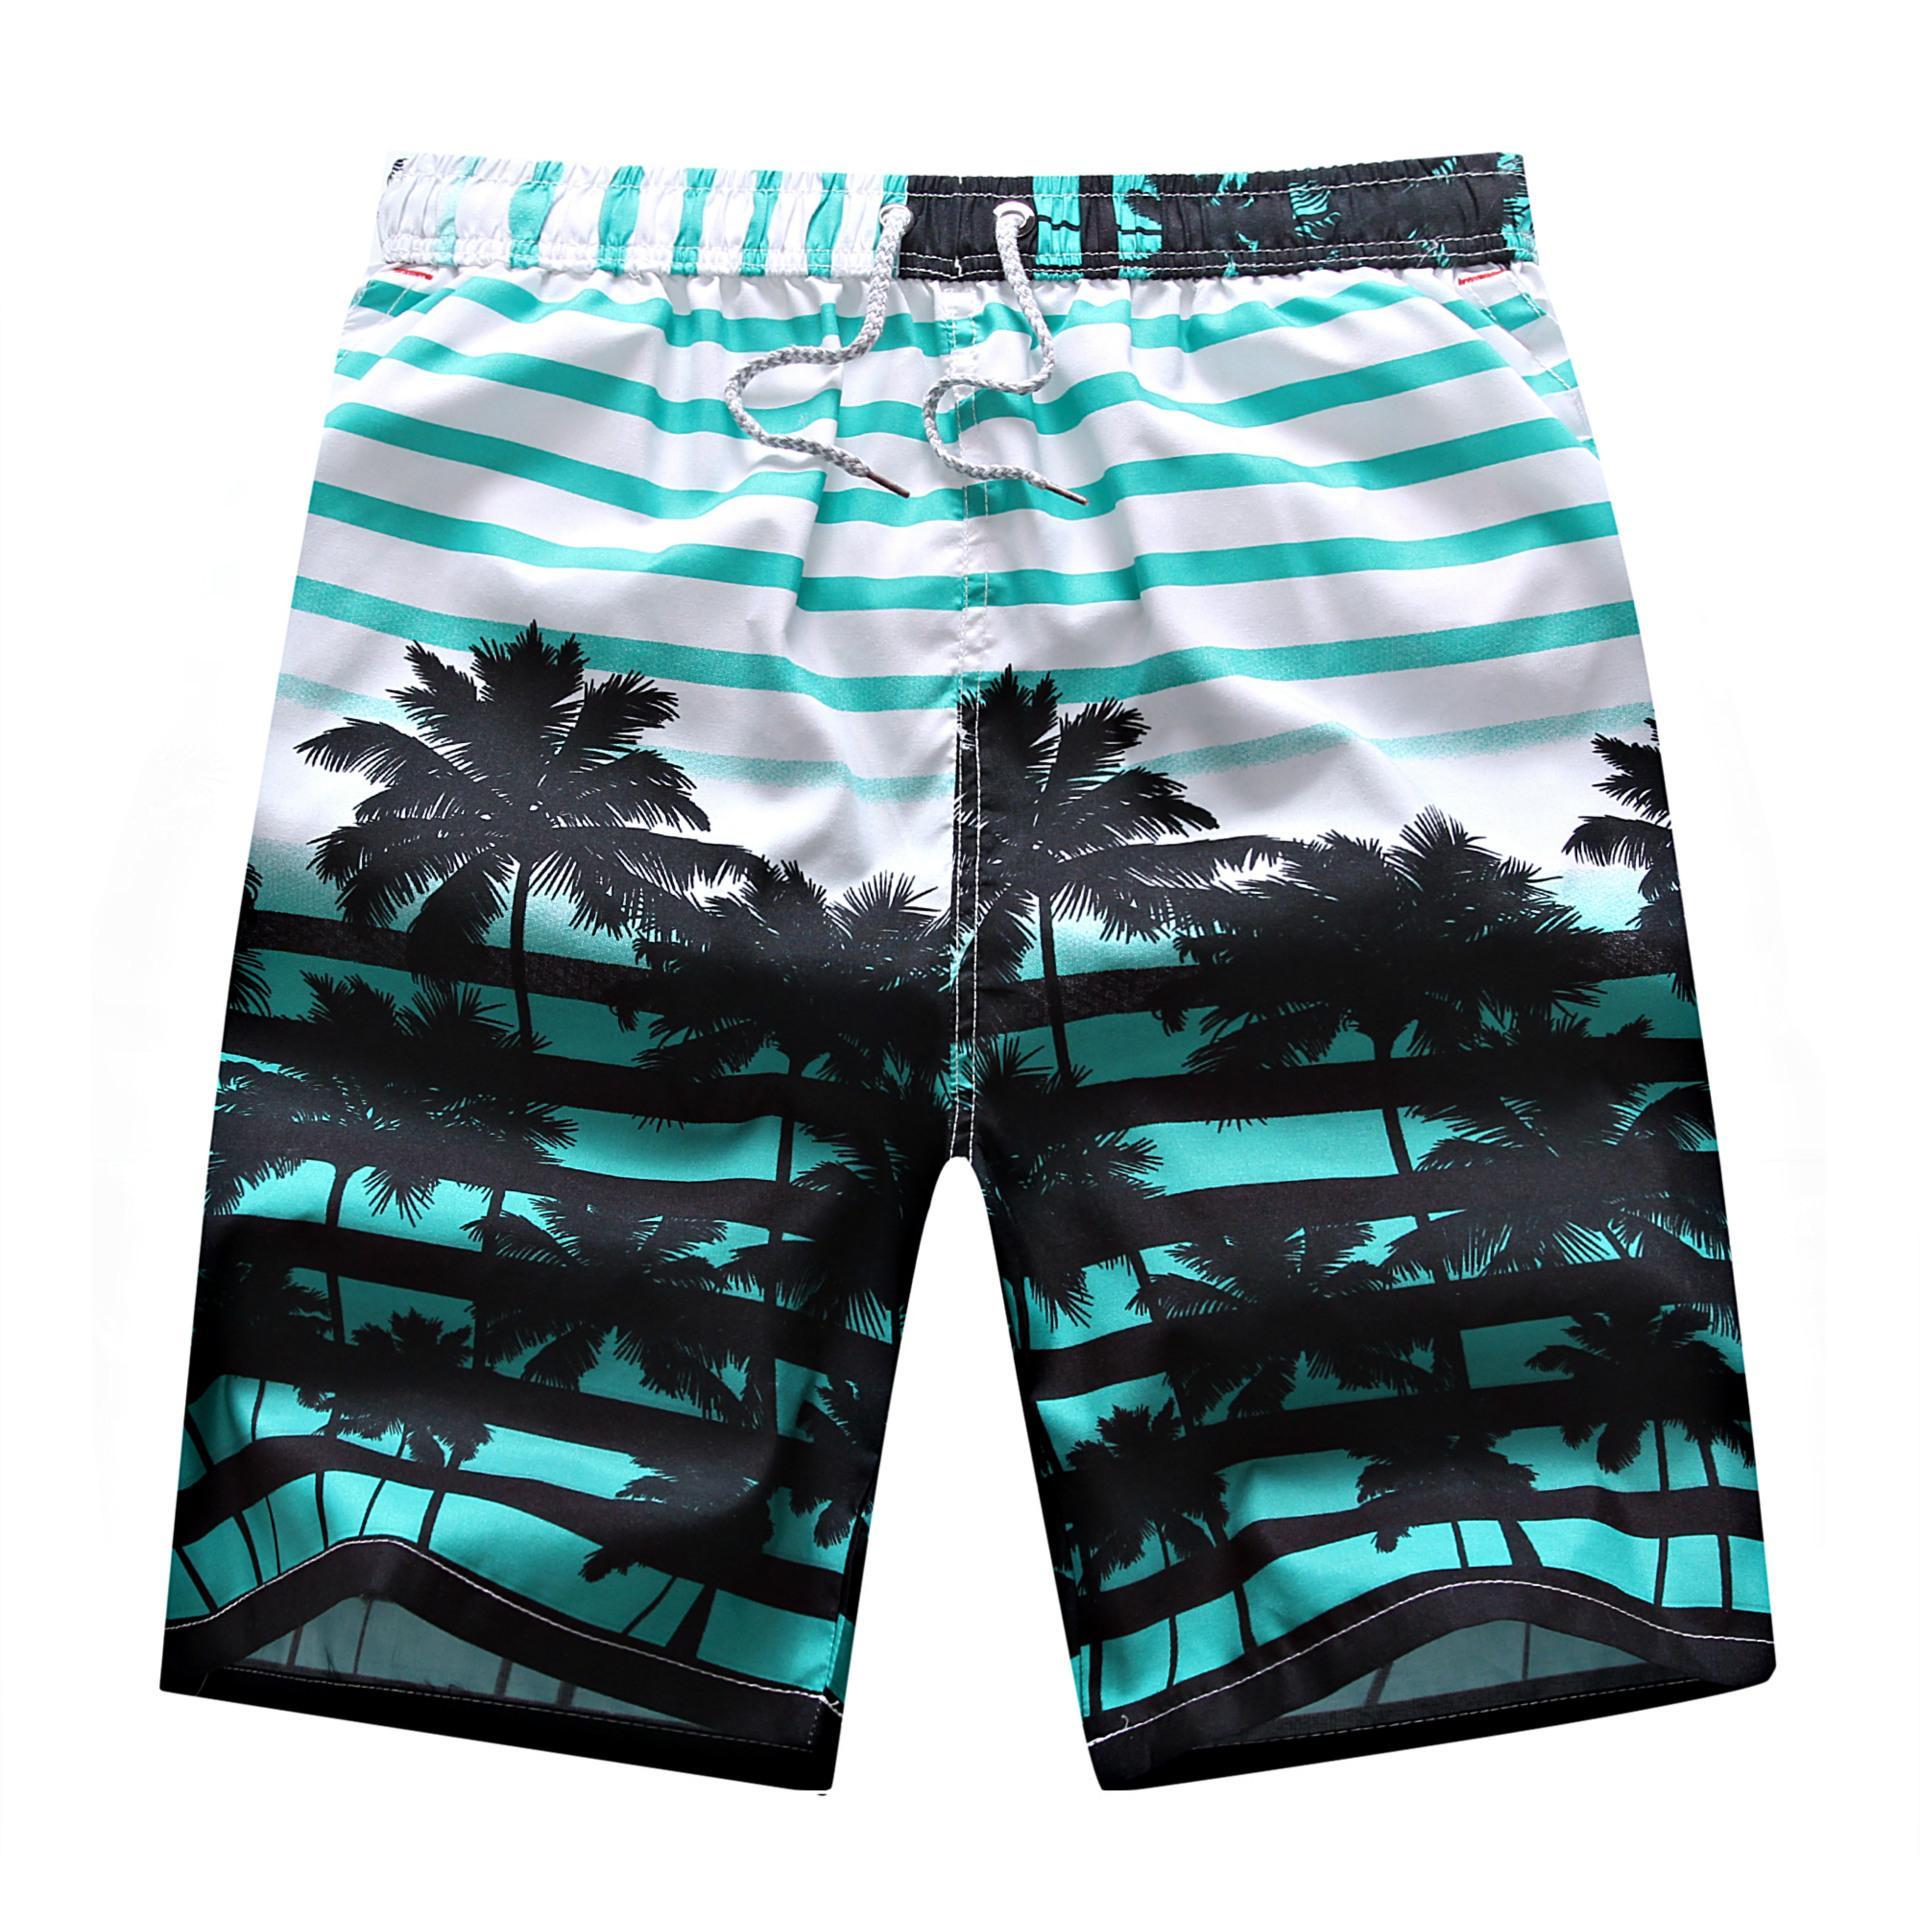 Surf Zwembroek Heren.2019 2018 Swimwear Men Swim Shorts Swimming Trunks Bermuda Surf